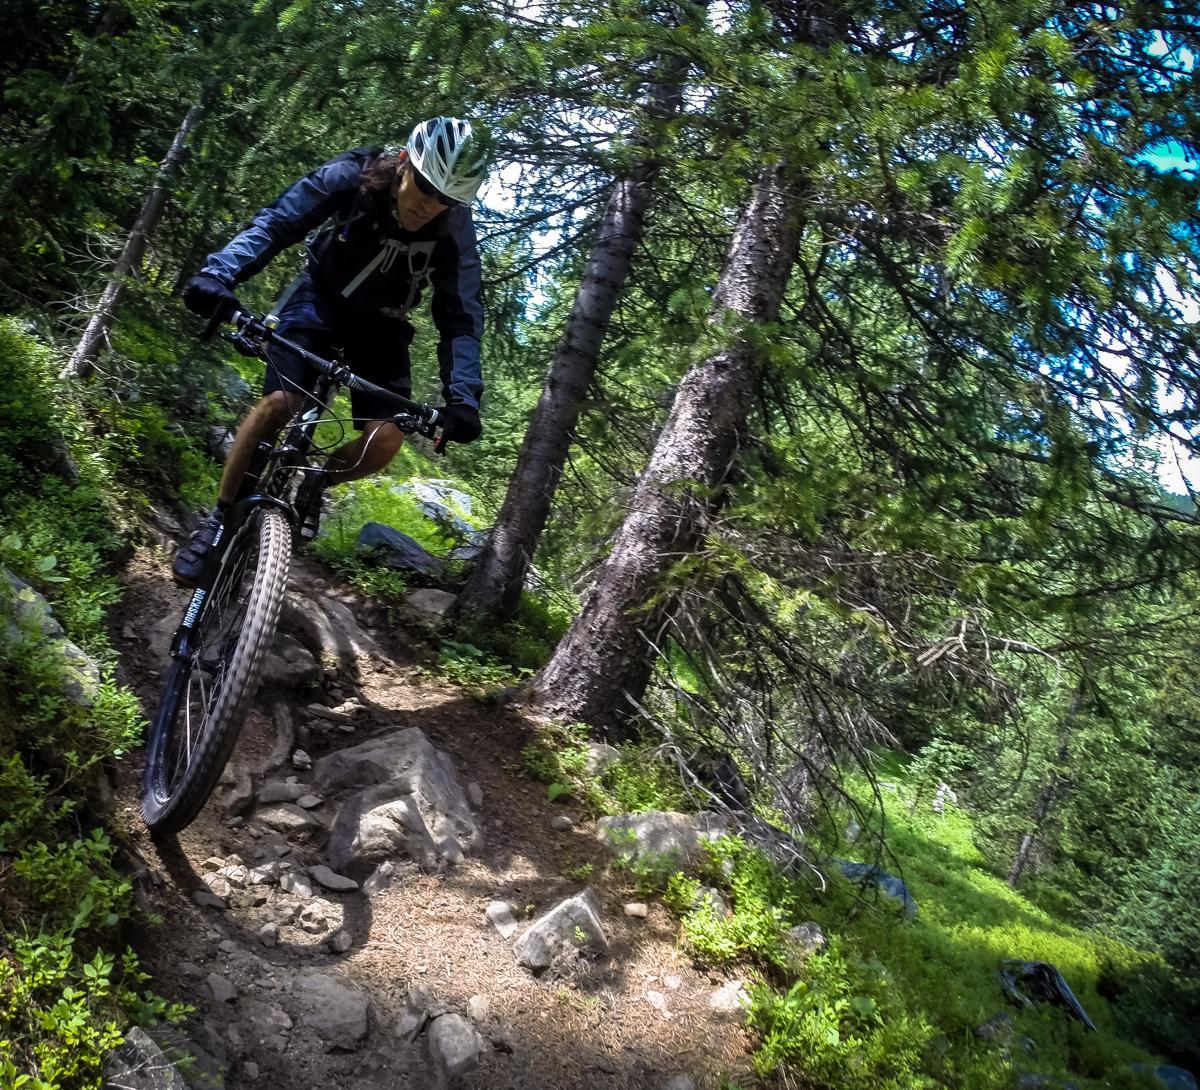 Trail: Green's Creek, Salida, CO. Rider: Jeff. Photo: Delphinide.